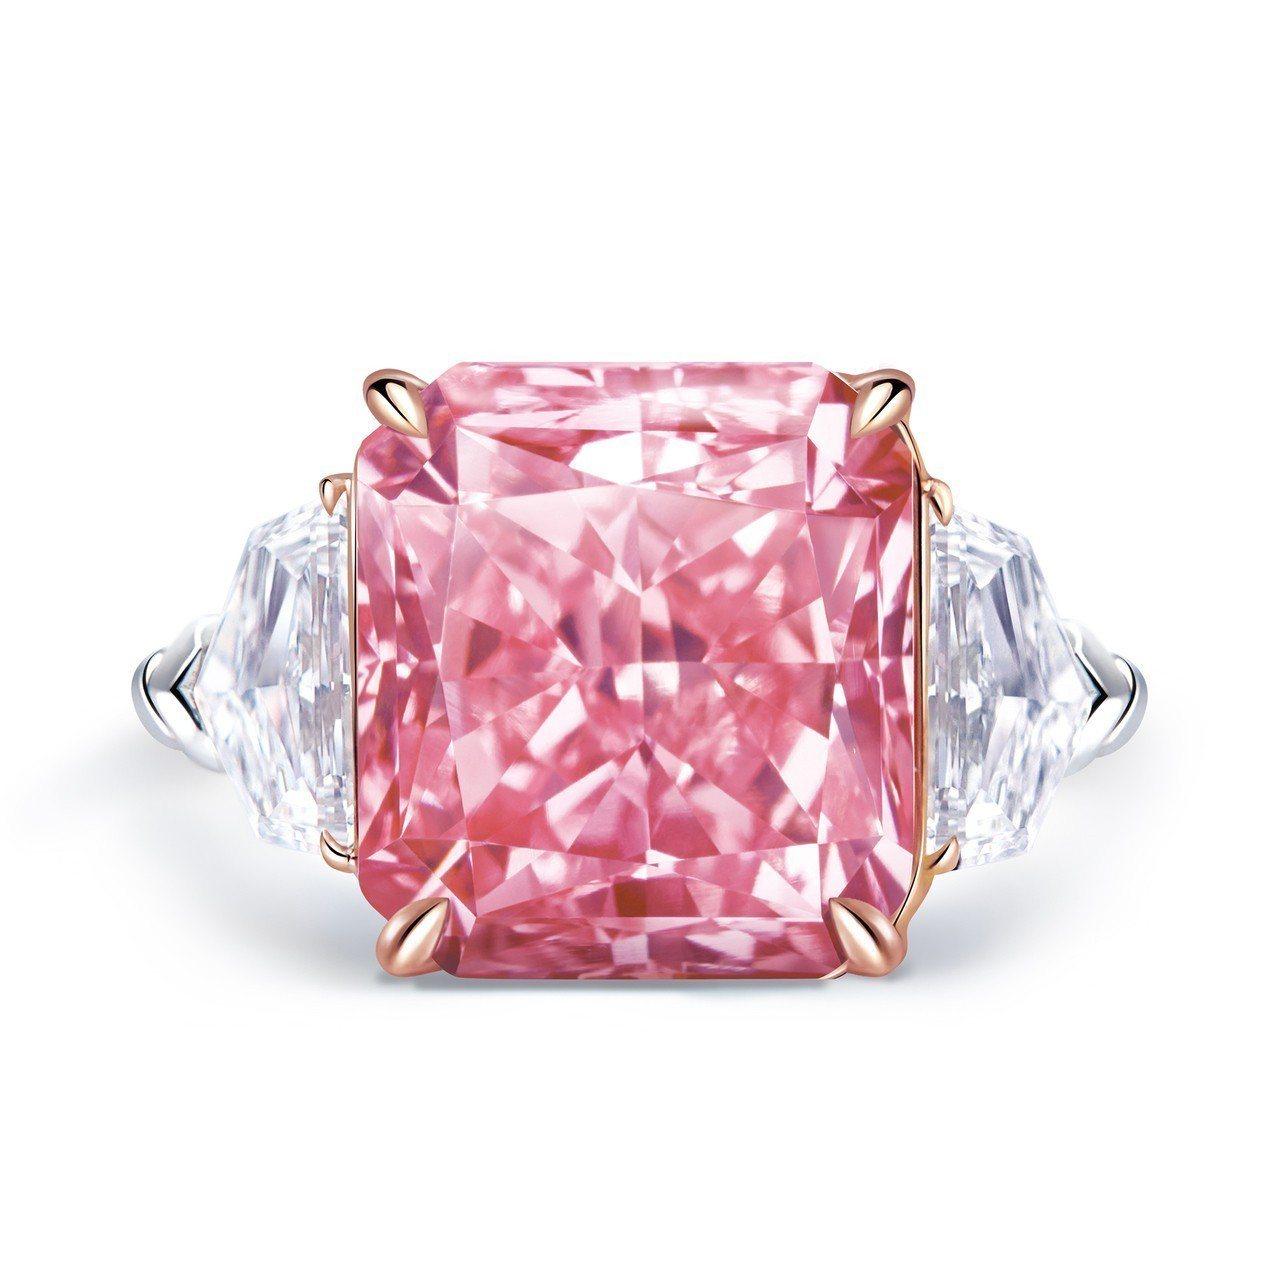 侯佩岑配戴的雷地恩車工濃彩紫粉鑽戒指,鑲嵌8.51克拉VVS1絢麗的濃彩粉紅鑽石...